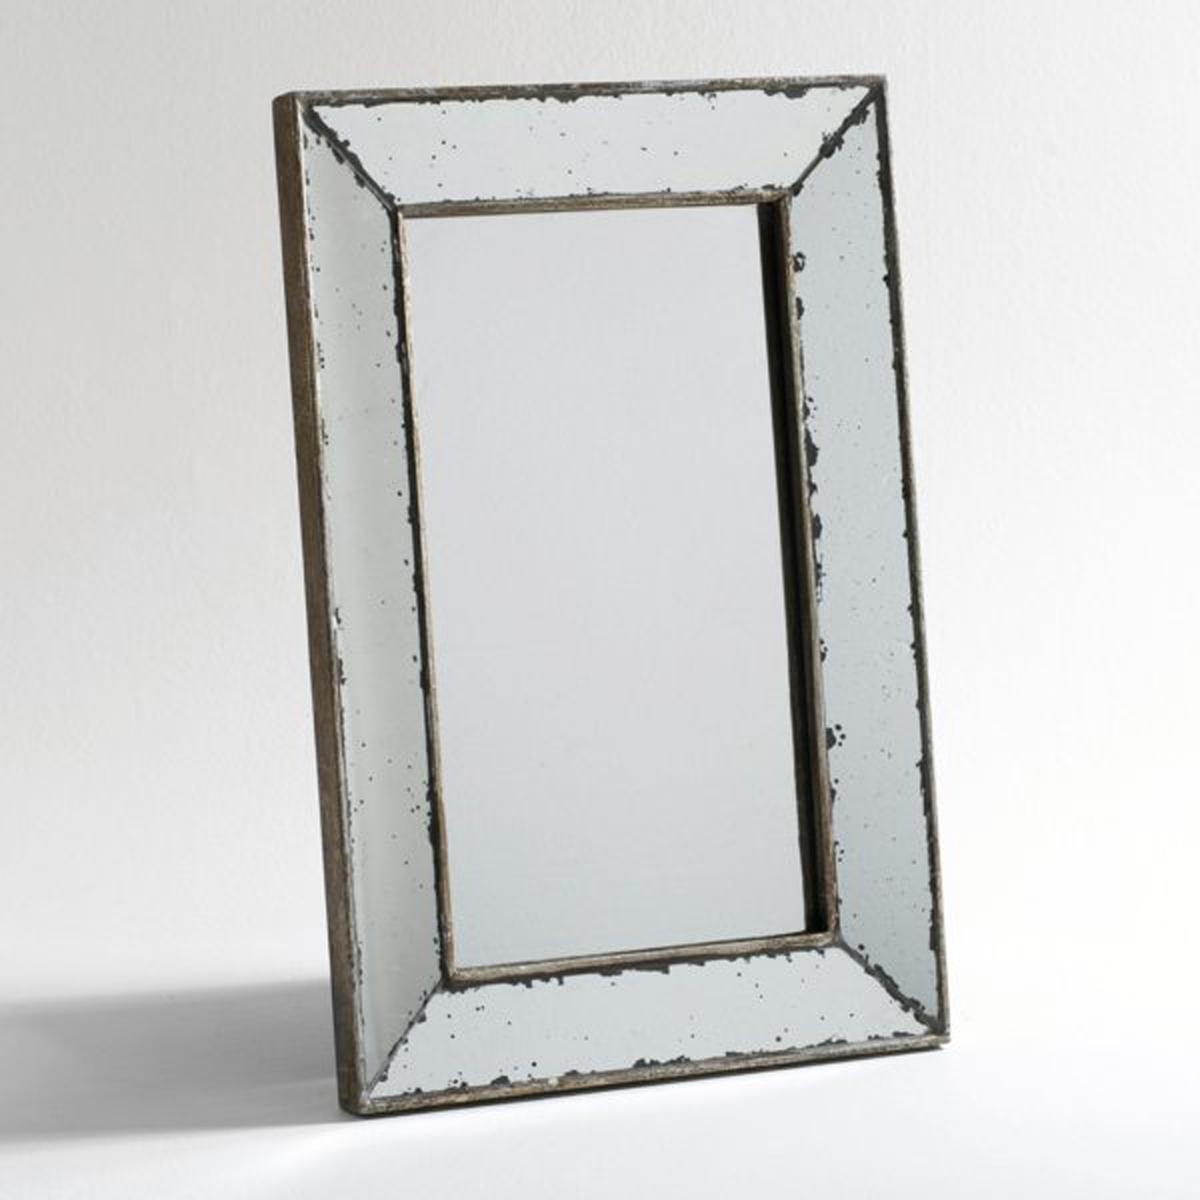 Зеркало La Redoute В ретро-стиле большая модель Д x В см Edwin единый размер серый зеркало la redoute прямоугольное большой размер д x в см barbier единый размер другие